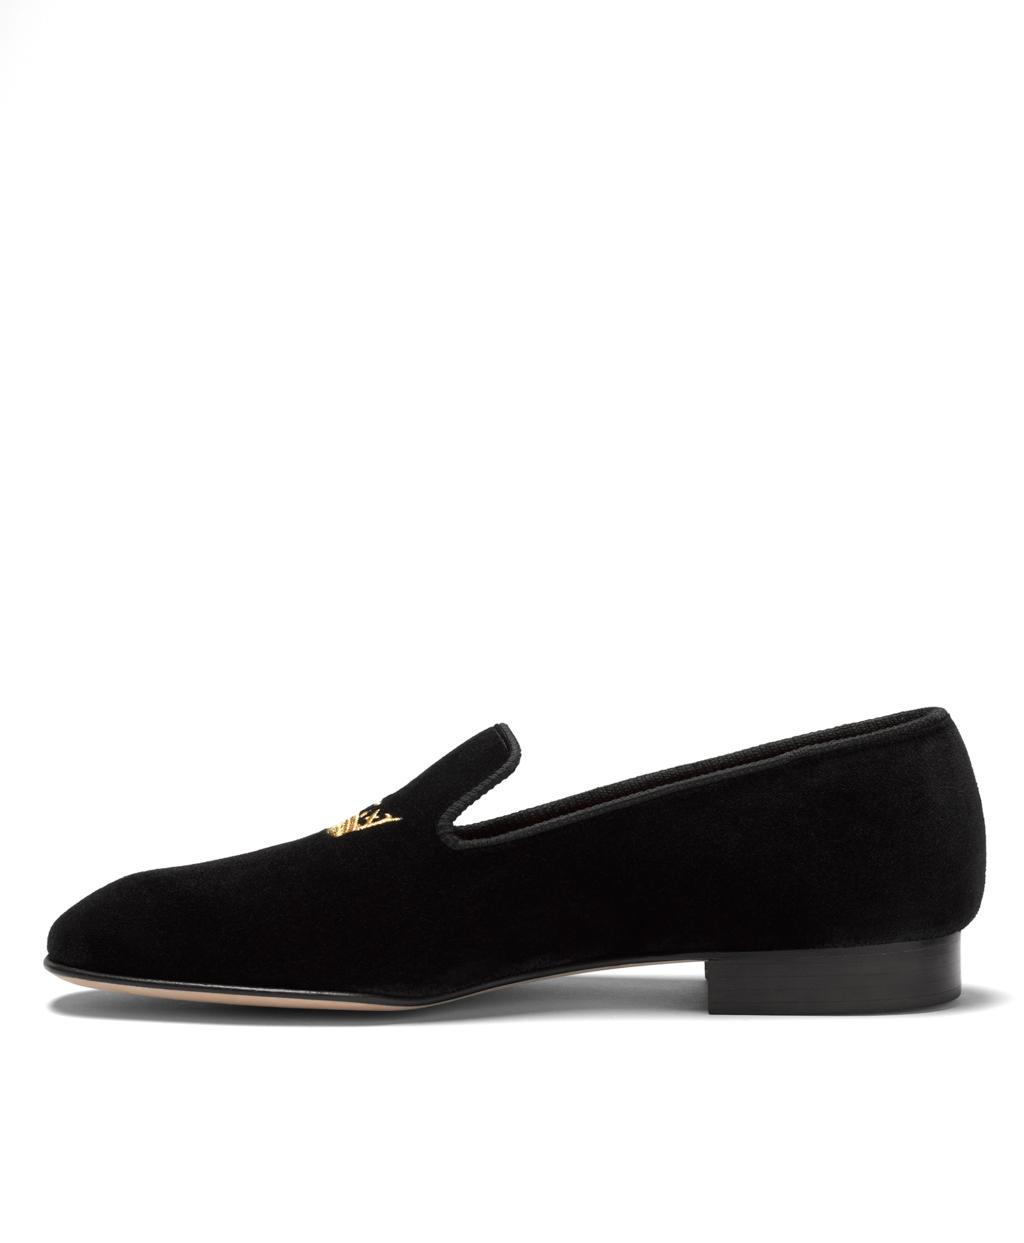 660ff99caa3 Men s Black Velvet Crown Slippers